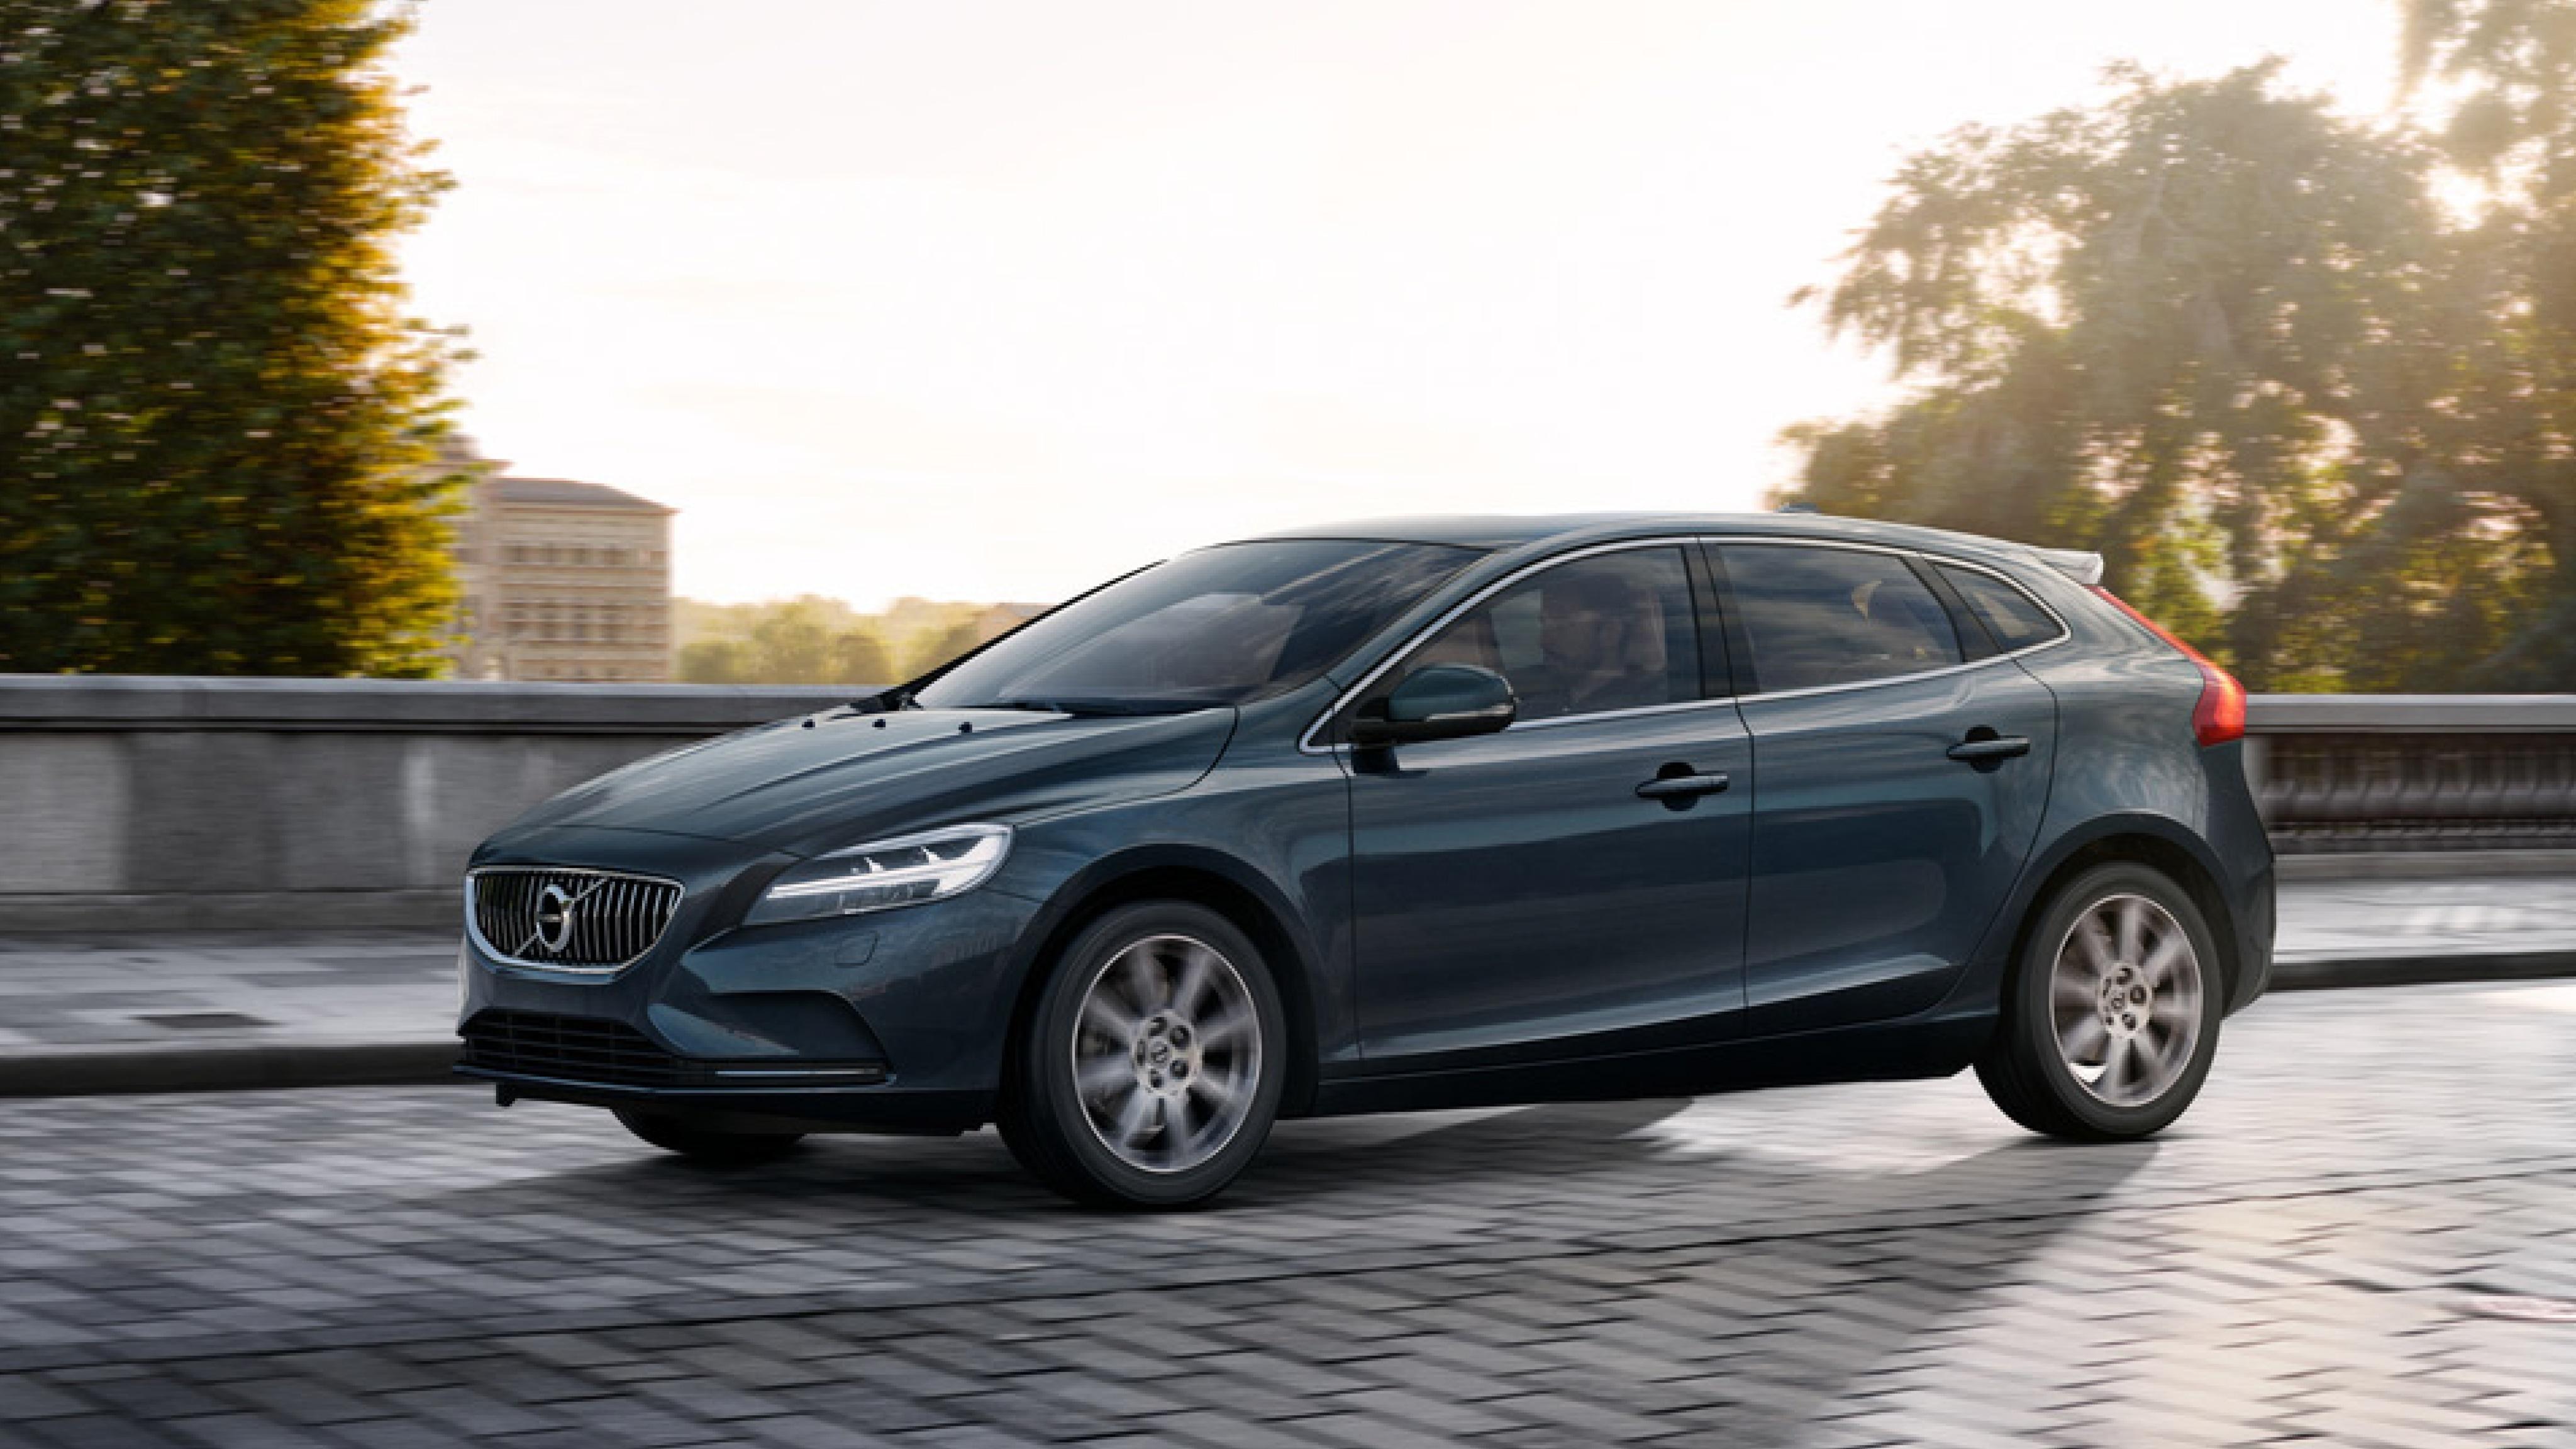 V40 Volvo Cars